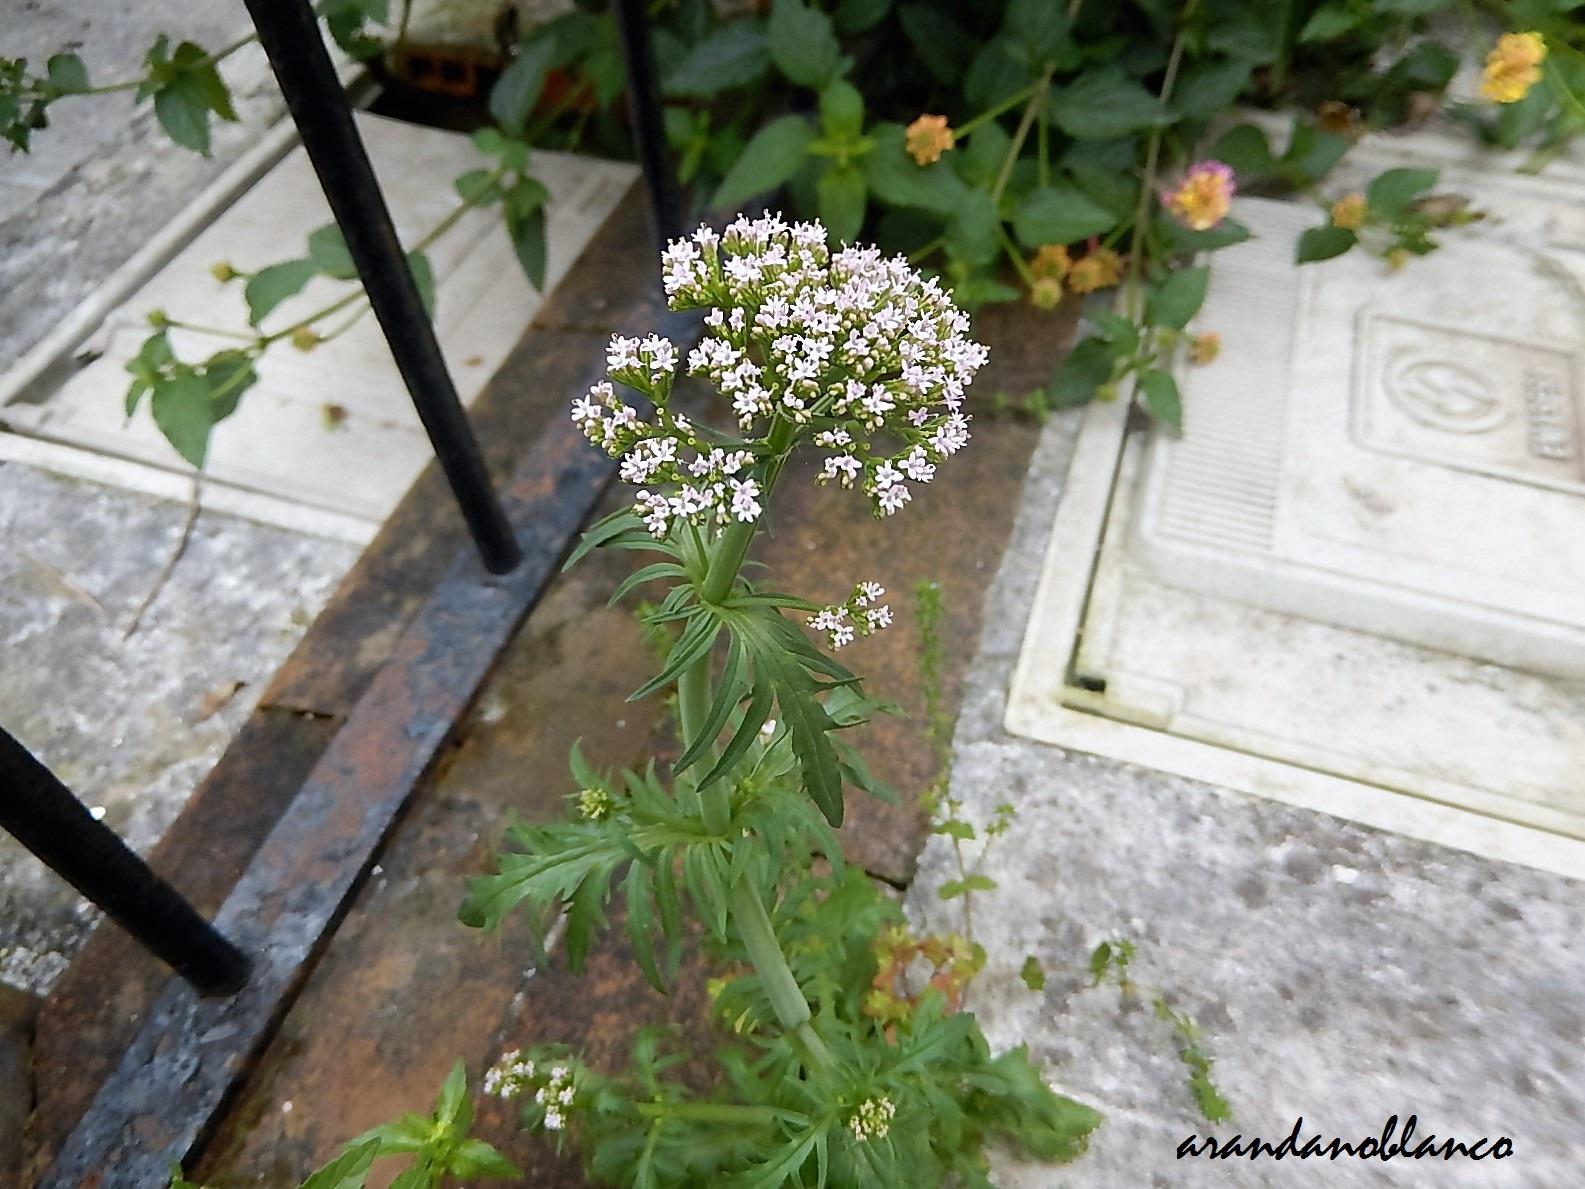 Arbustosensevilla encinarosa malas hierbas commelina - Calle rafael salgado ...